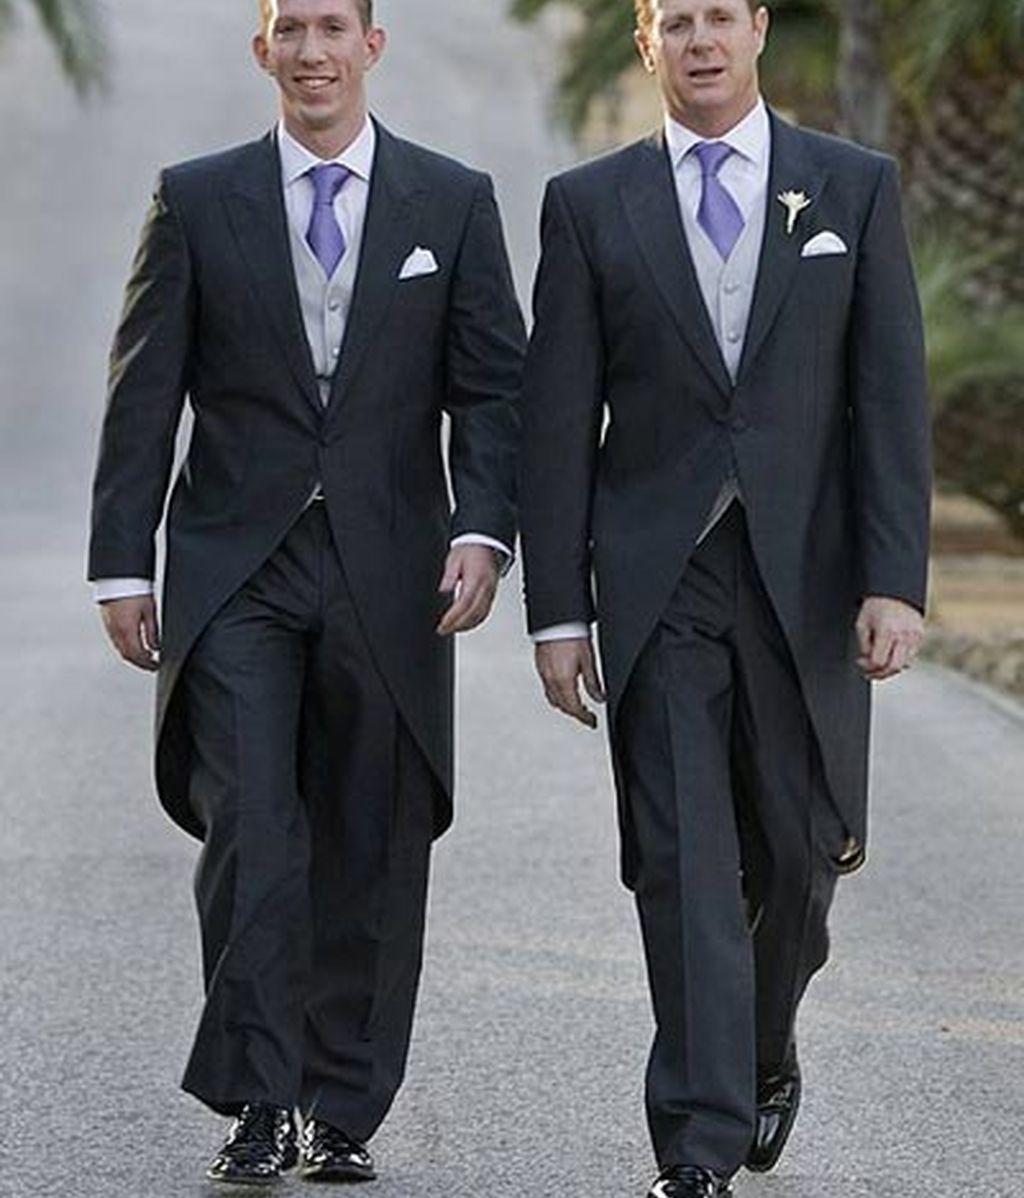 Las bodas gays más sonadas